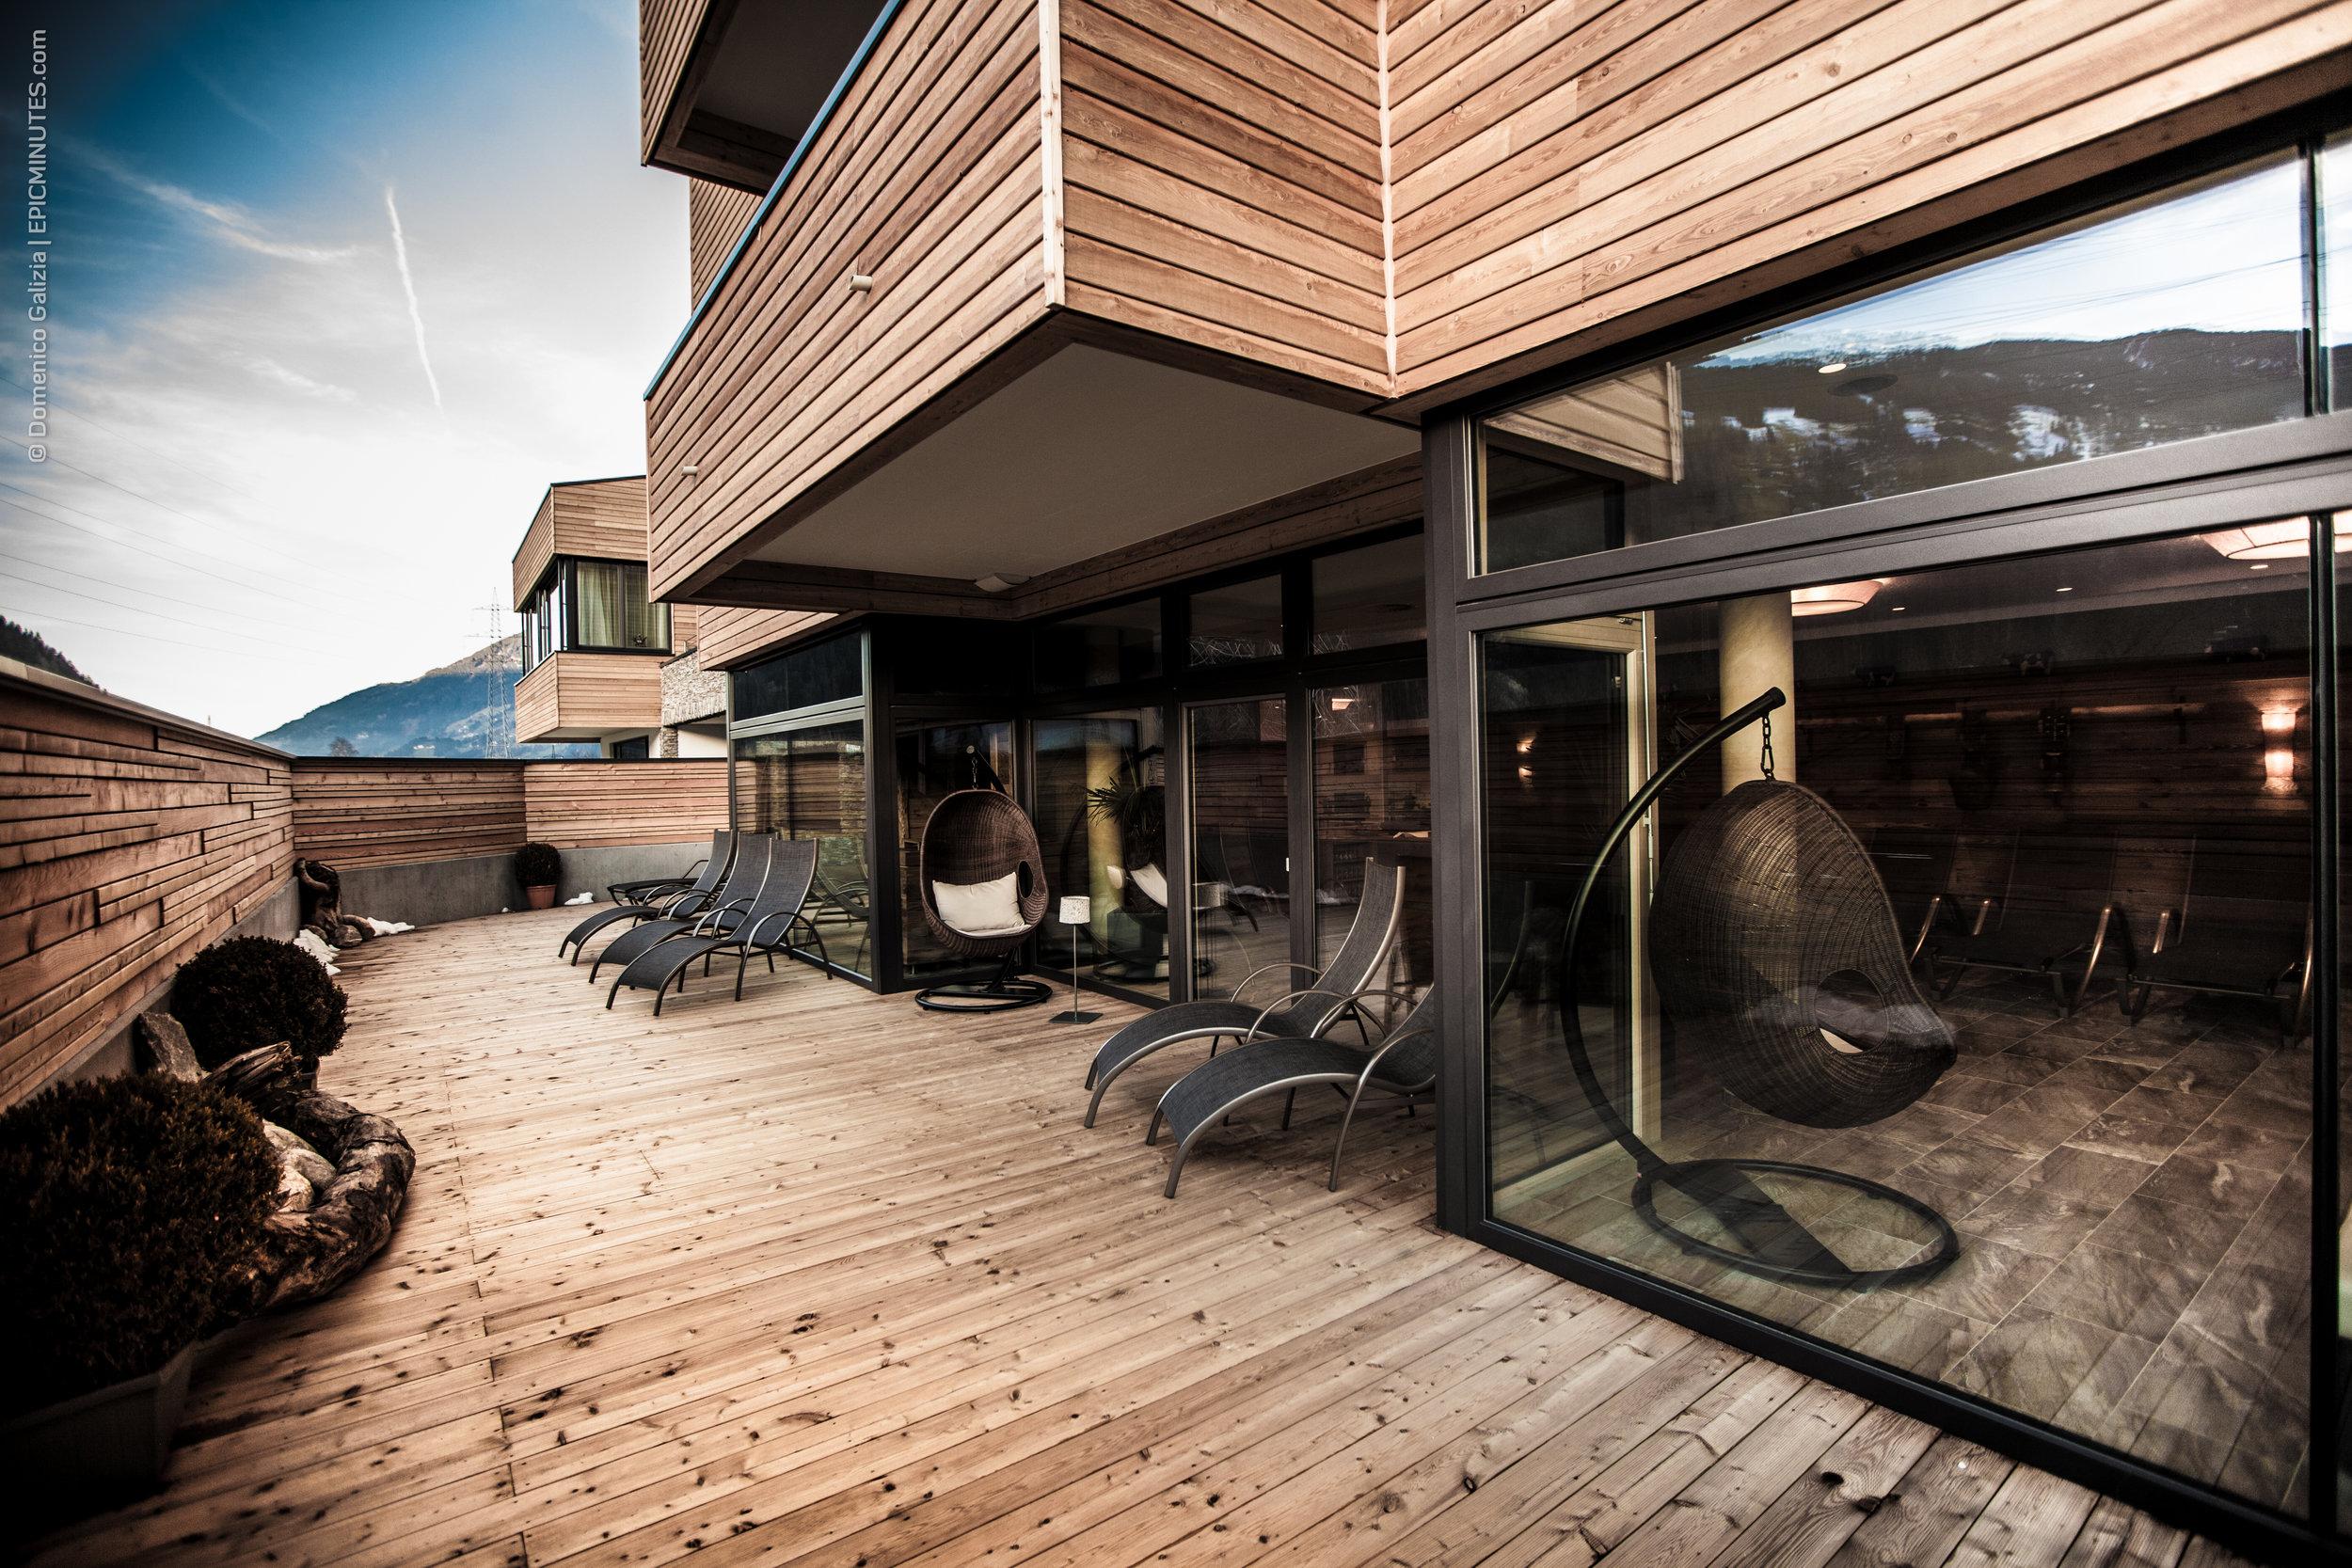 Terrasse Wellnessbereich.jpg